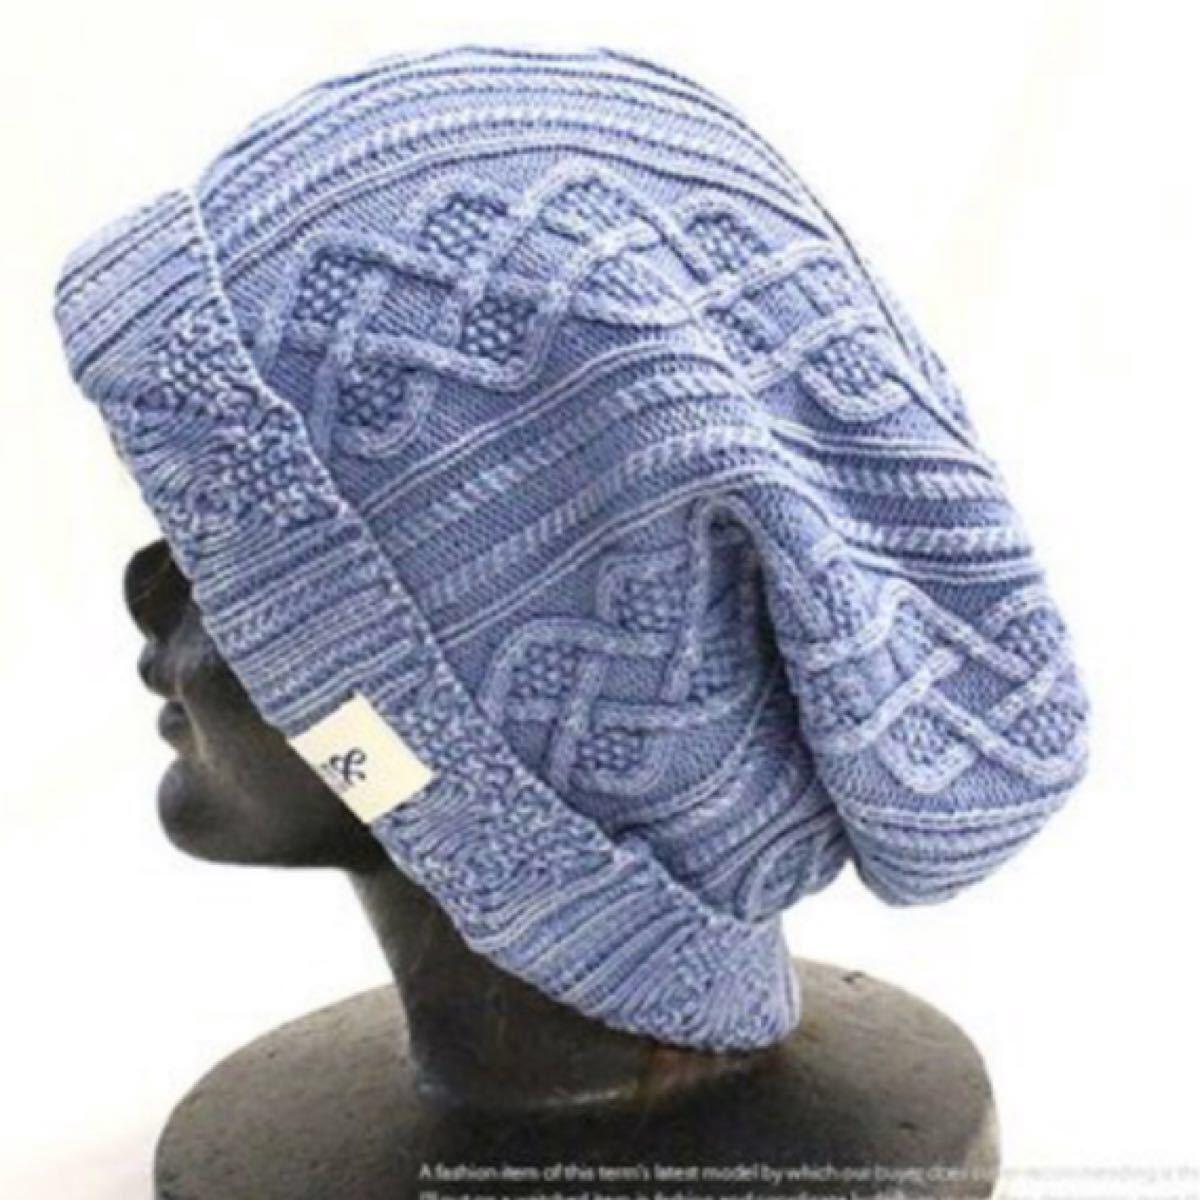 ニット帽 大きいサイズ メンズ レディース デニム ニットキャップ 春夏 帽子 アンドリッチ ニット帽 夏用